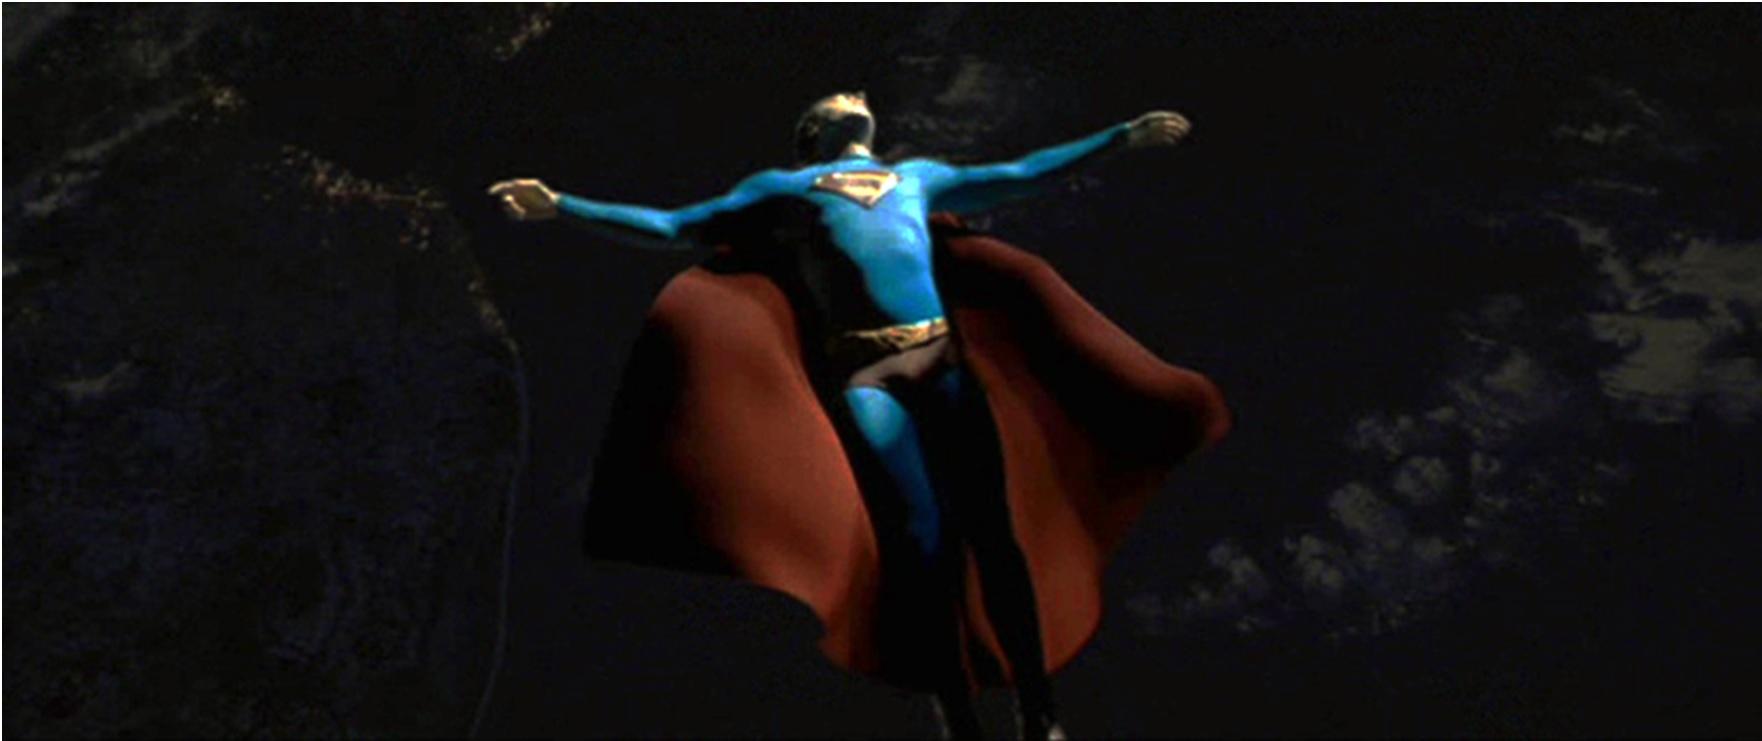 superheroes01.jpg